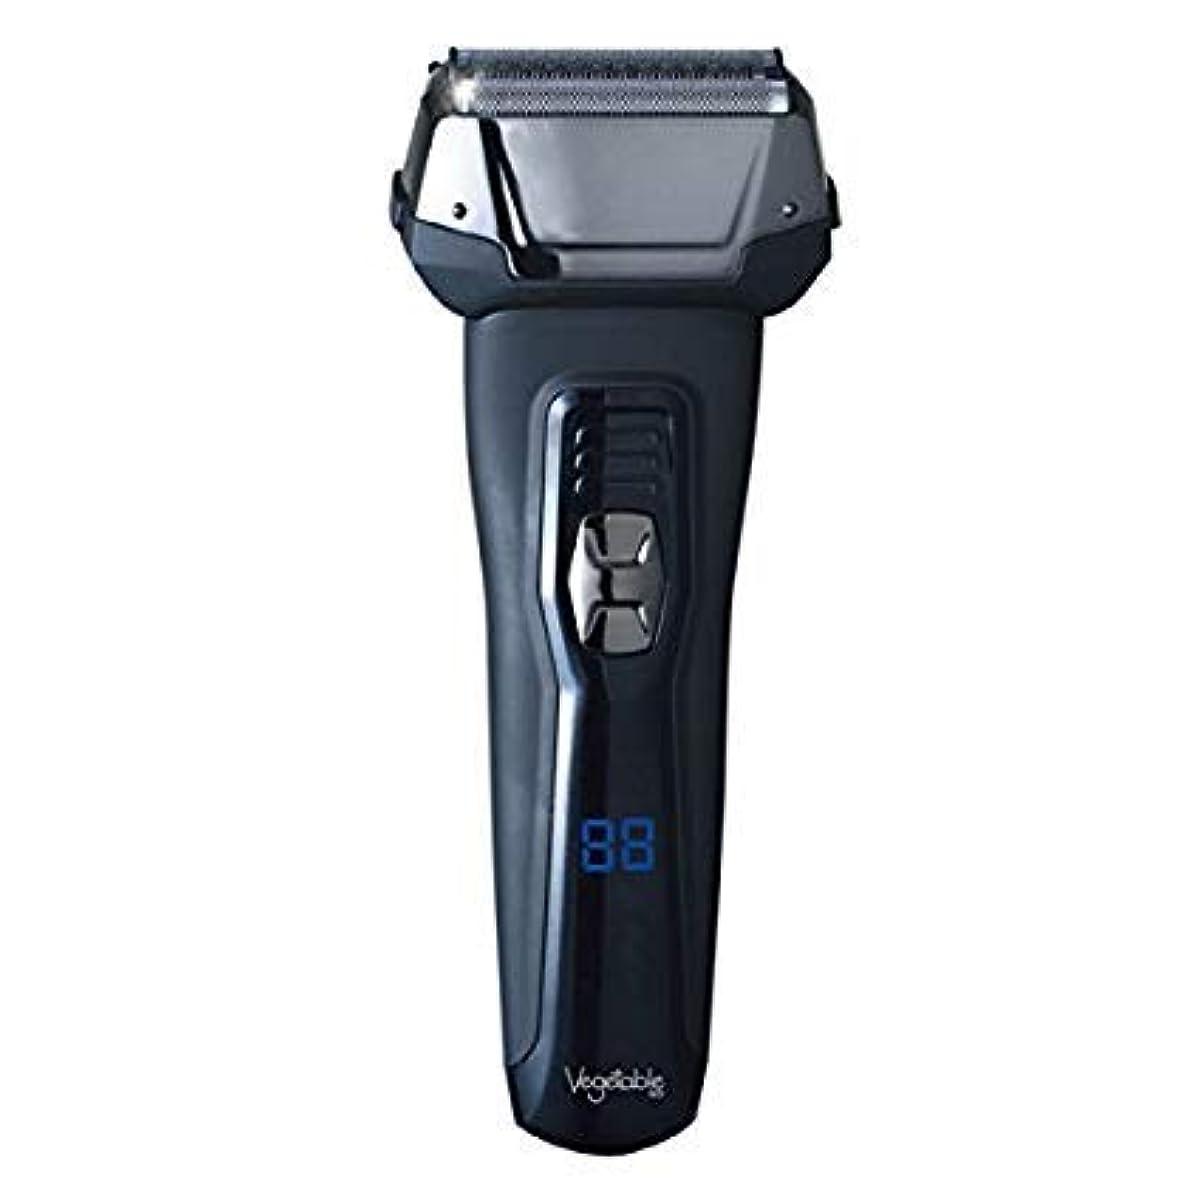 気分が良いマージン最初髭剃り 電気シェーバー Vegetable 3枚刃 充電交流式ウォッシャブルデジタルシェーバー GD-S307D